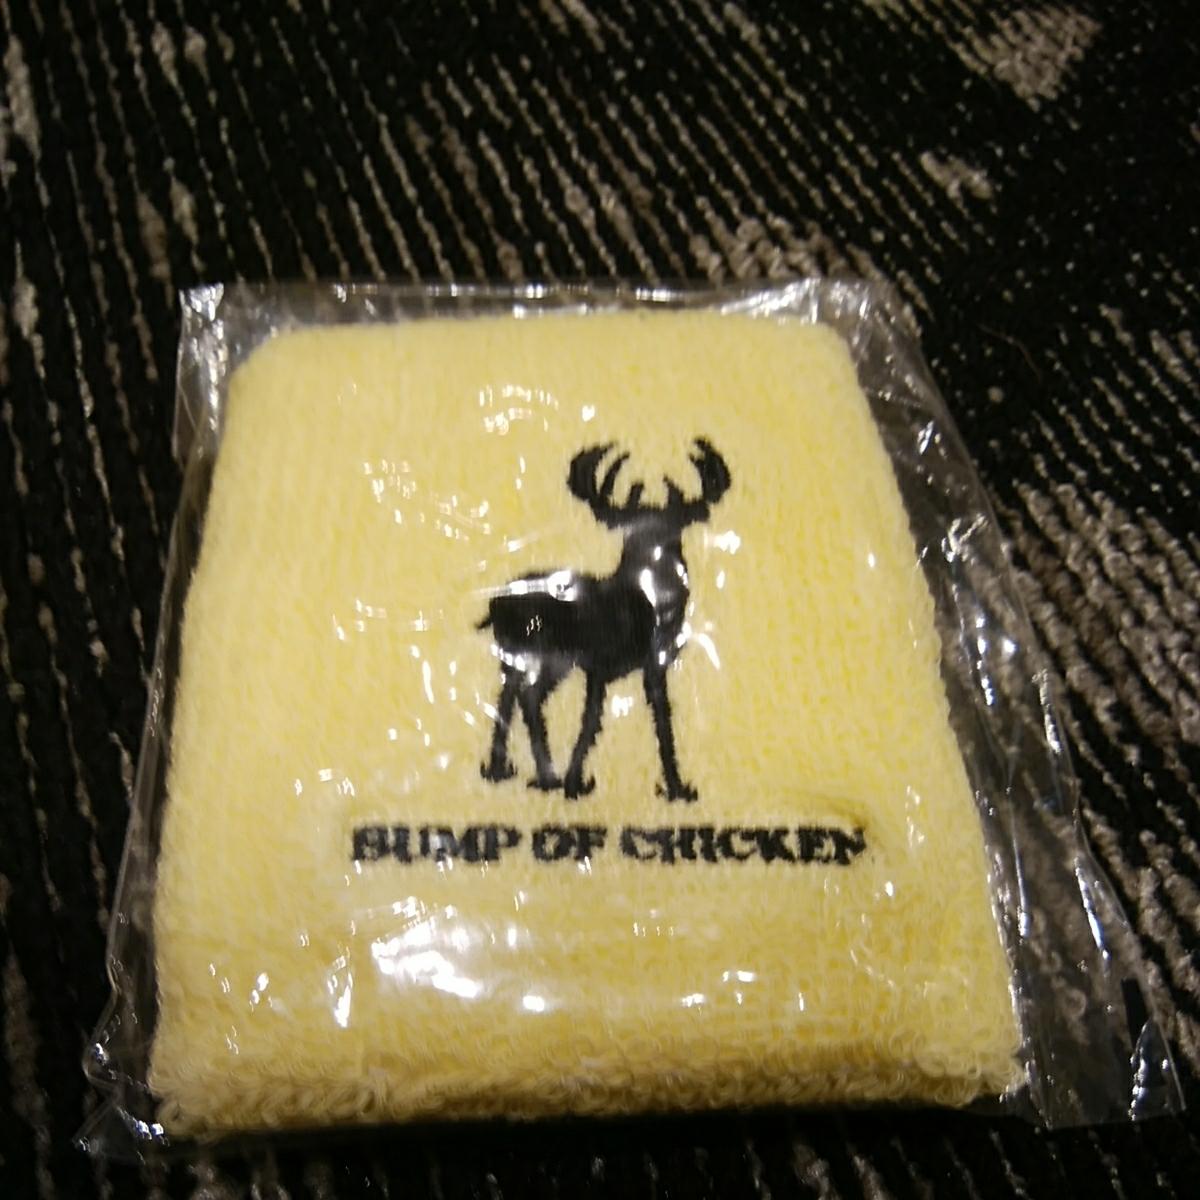 激レア 年代物 早い者勝ち即決 新品未開封 BUMP OF CHICKEN 2007年夏フェス リストバンド イエロー n518